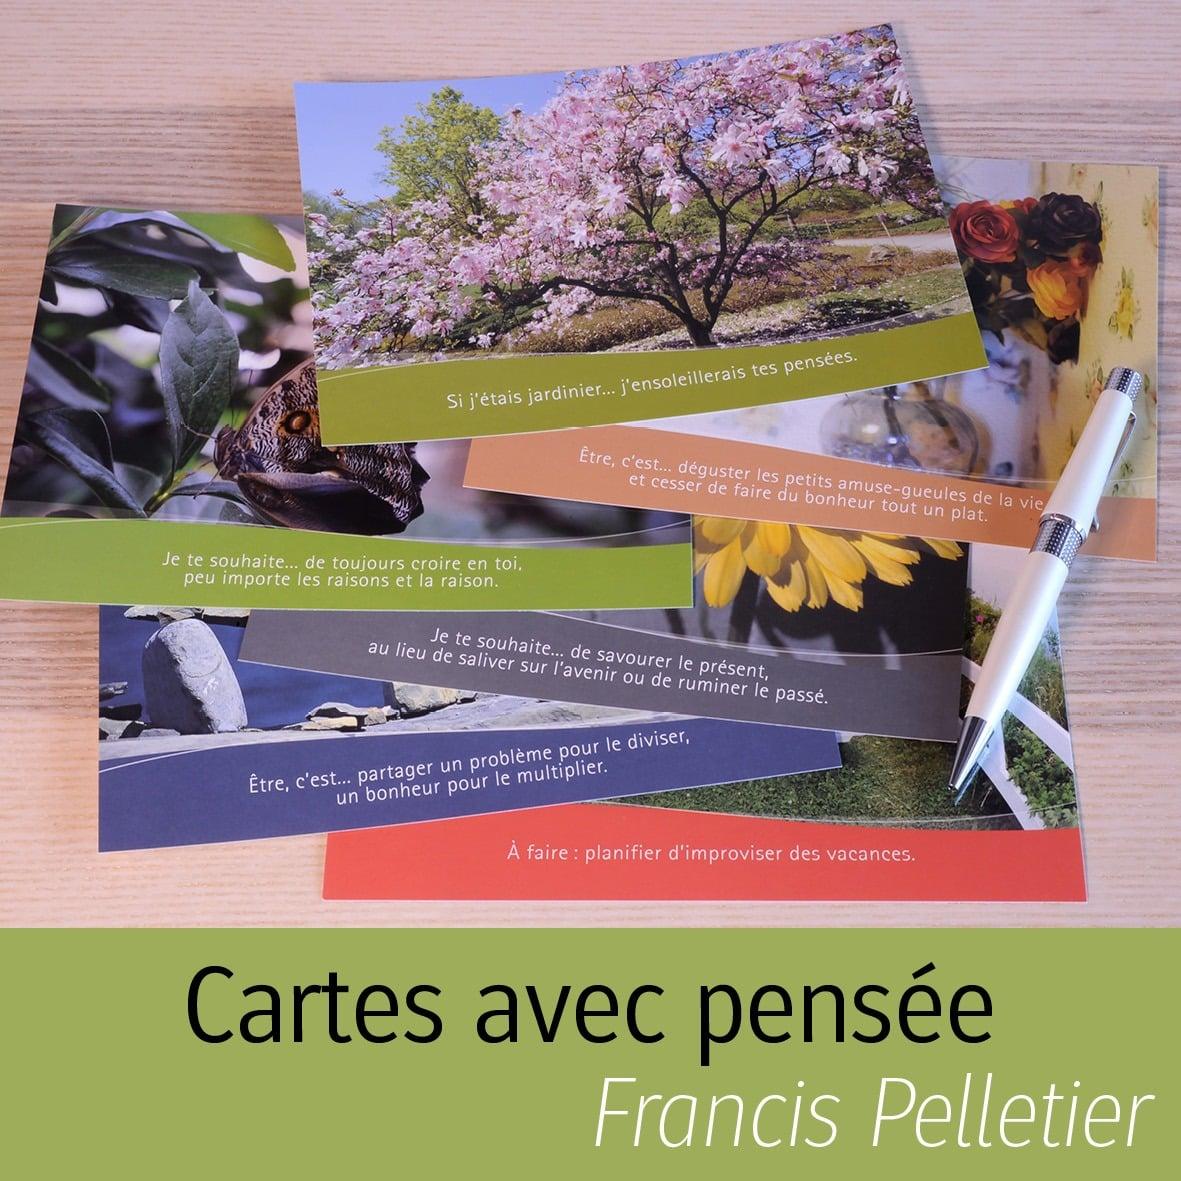 Cartes avec pensée de Francis Pelletier